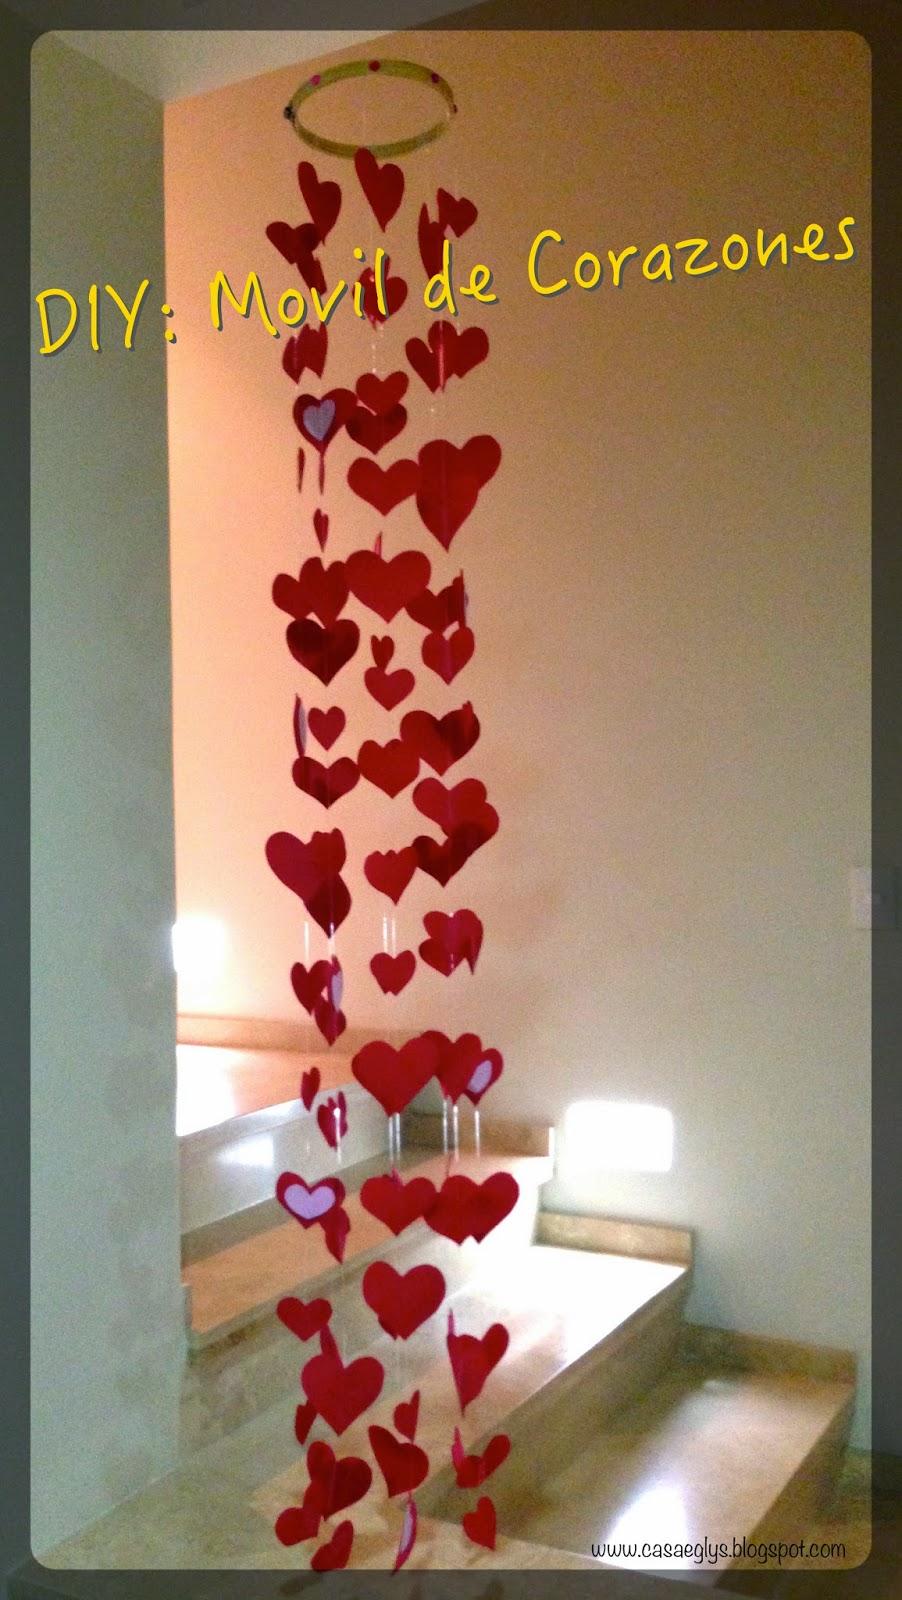 Casa eglys diy m vil de corazones for Aplicaciones para decorar el movil